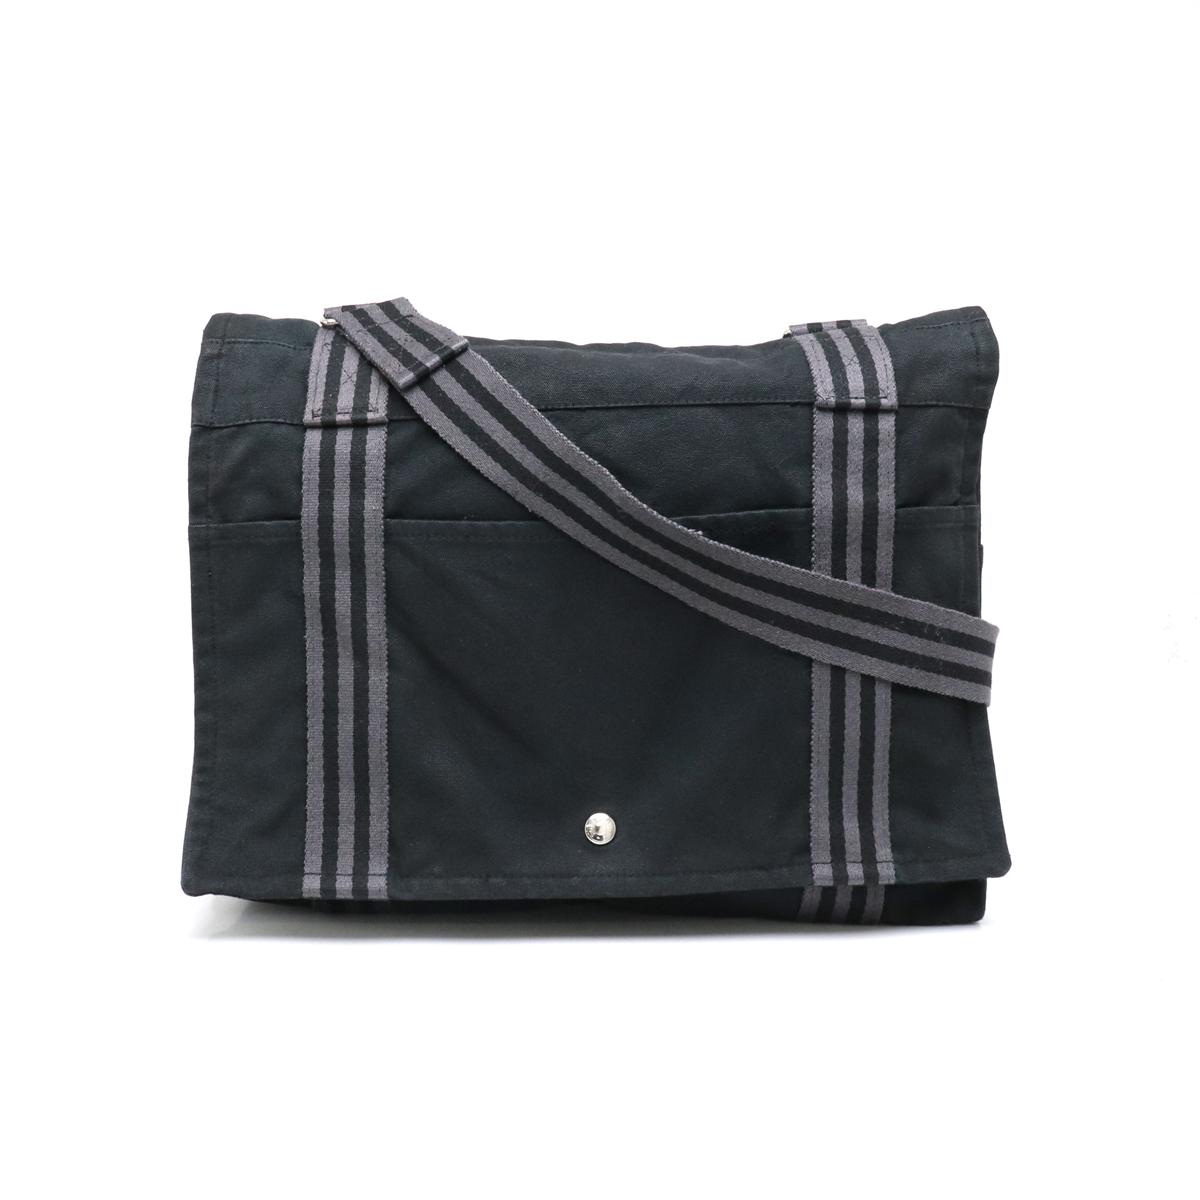 バッグ HERMES エルメス フールトゥ ストアー バサスMM ショルダーバッグ キャンバス 中古 ブラック 黒 お見舞い 斜め掛けショルダー グレー